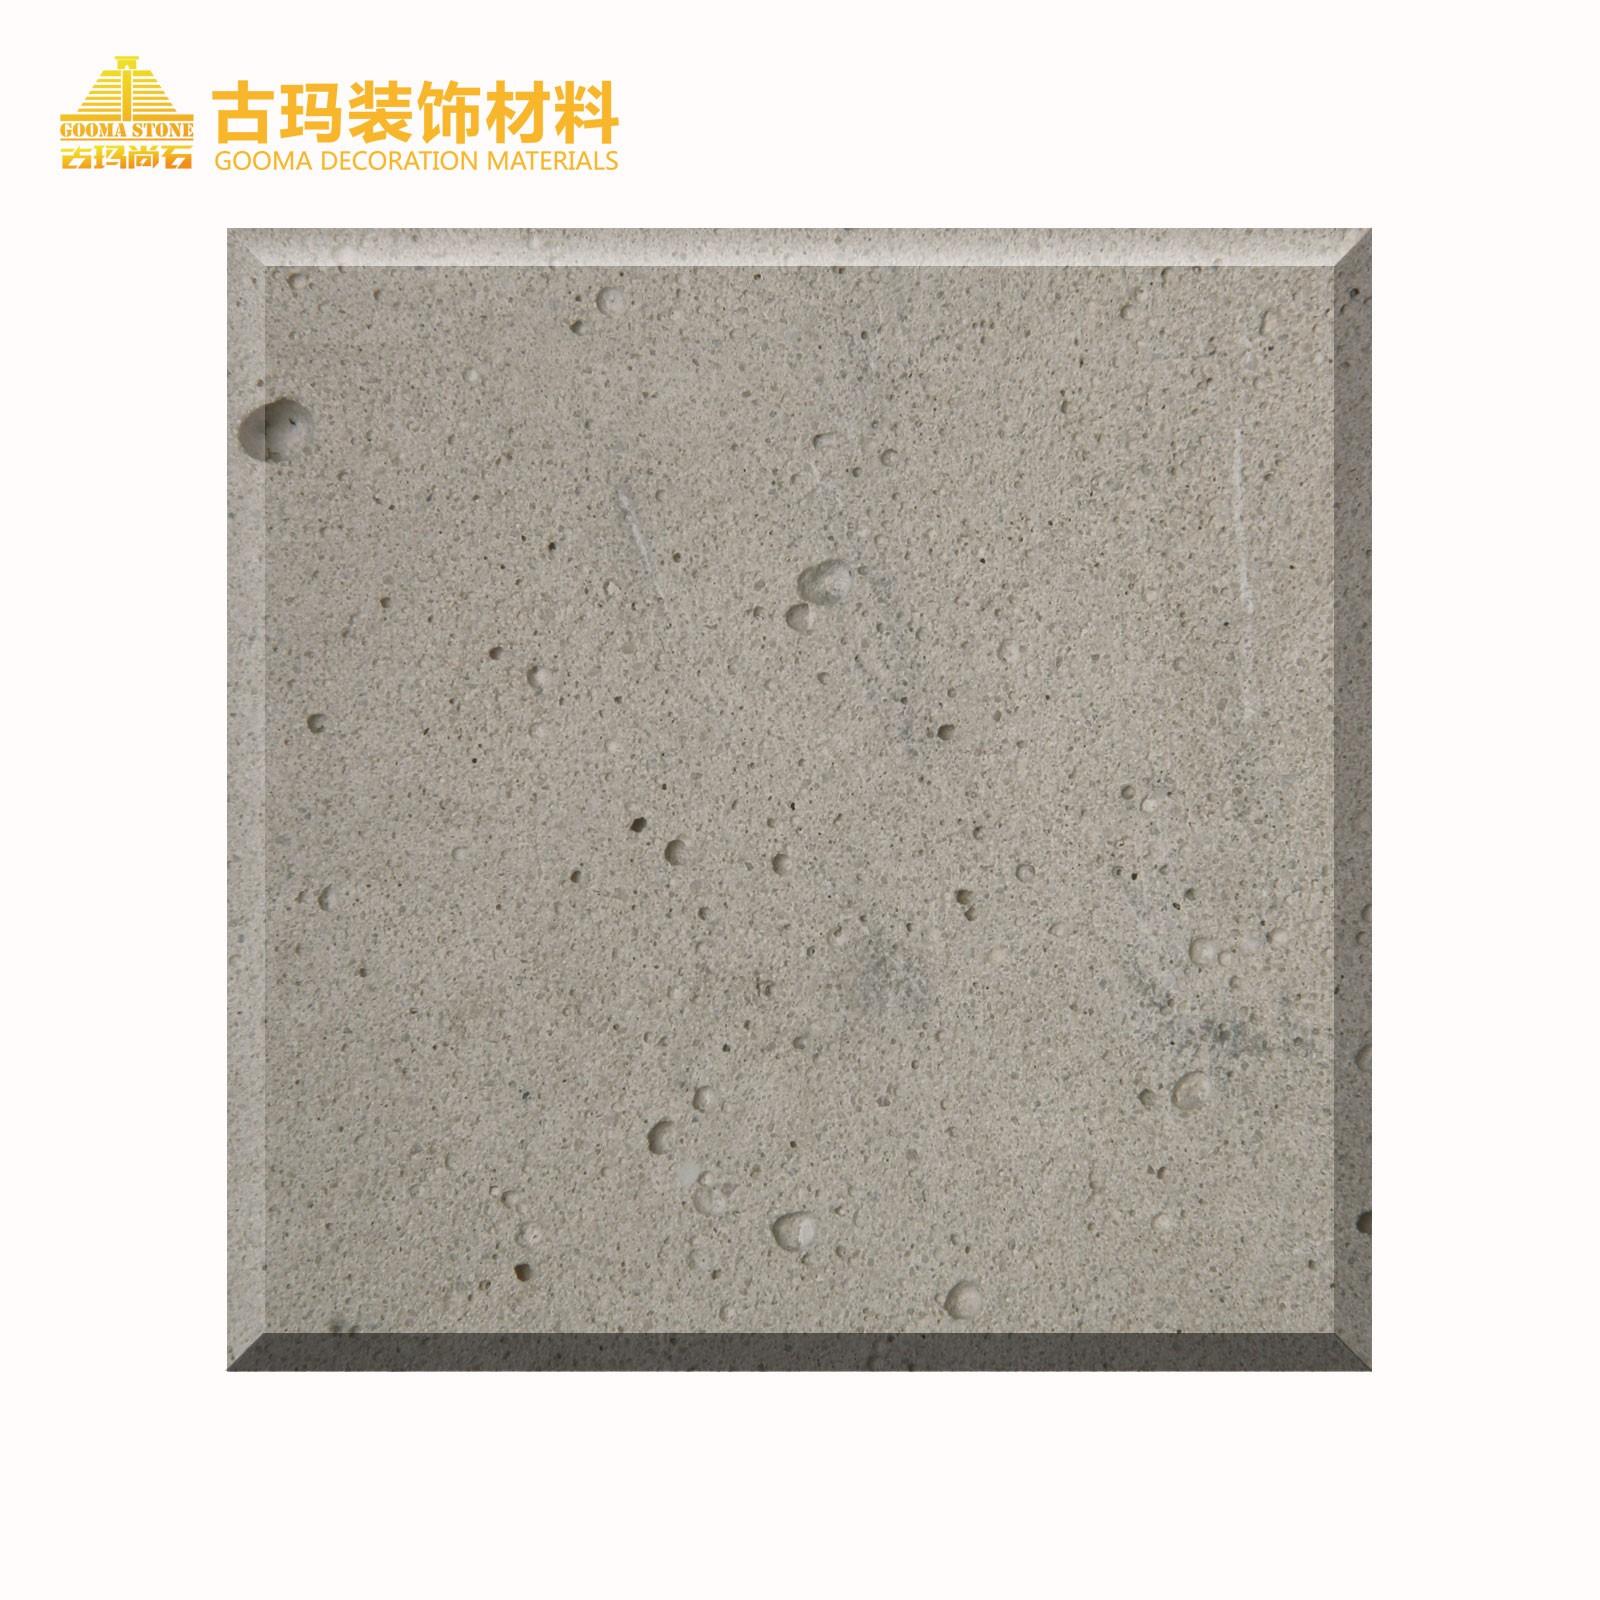 专业外墙涂料生产厂家_广东其他石材石料-广州市古玛装饰材料有限公司